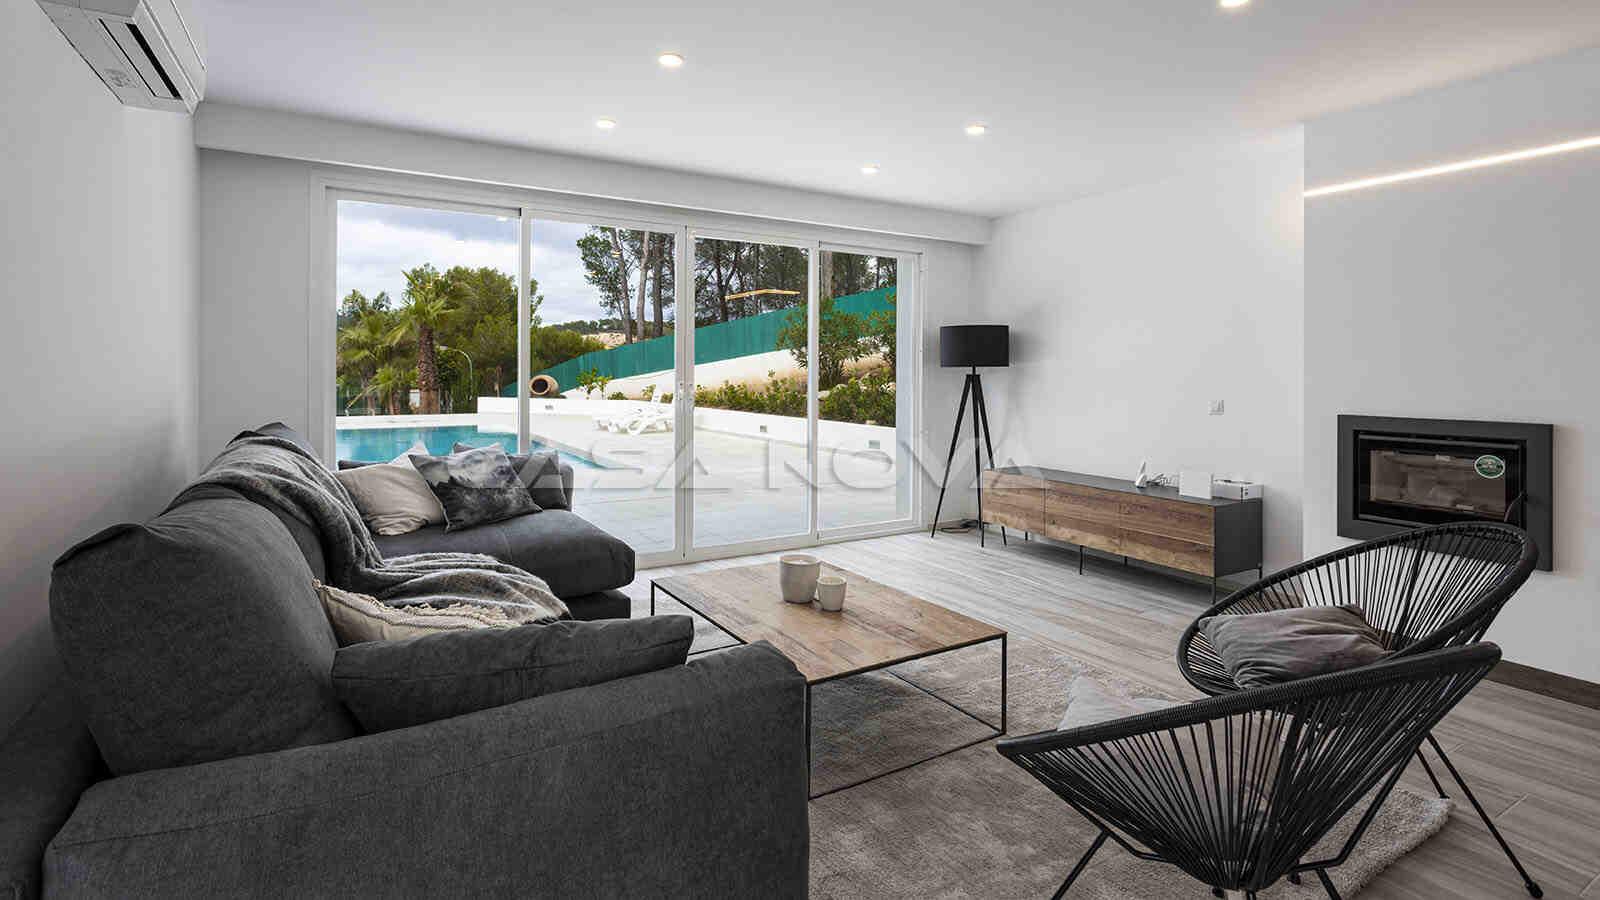 Schickes Mallorca Wohnzimmer mit schönem Blick